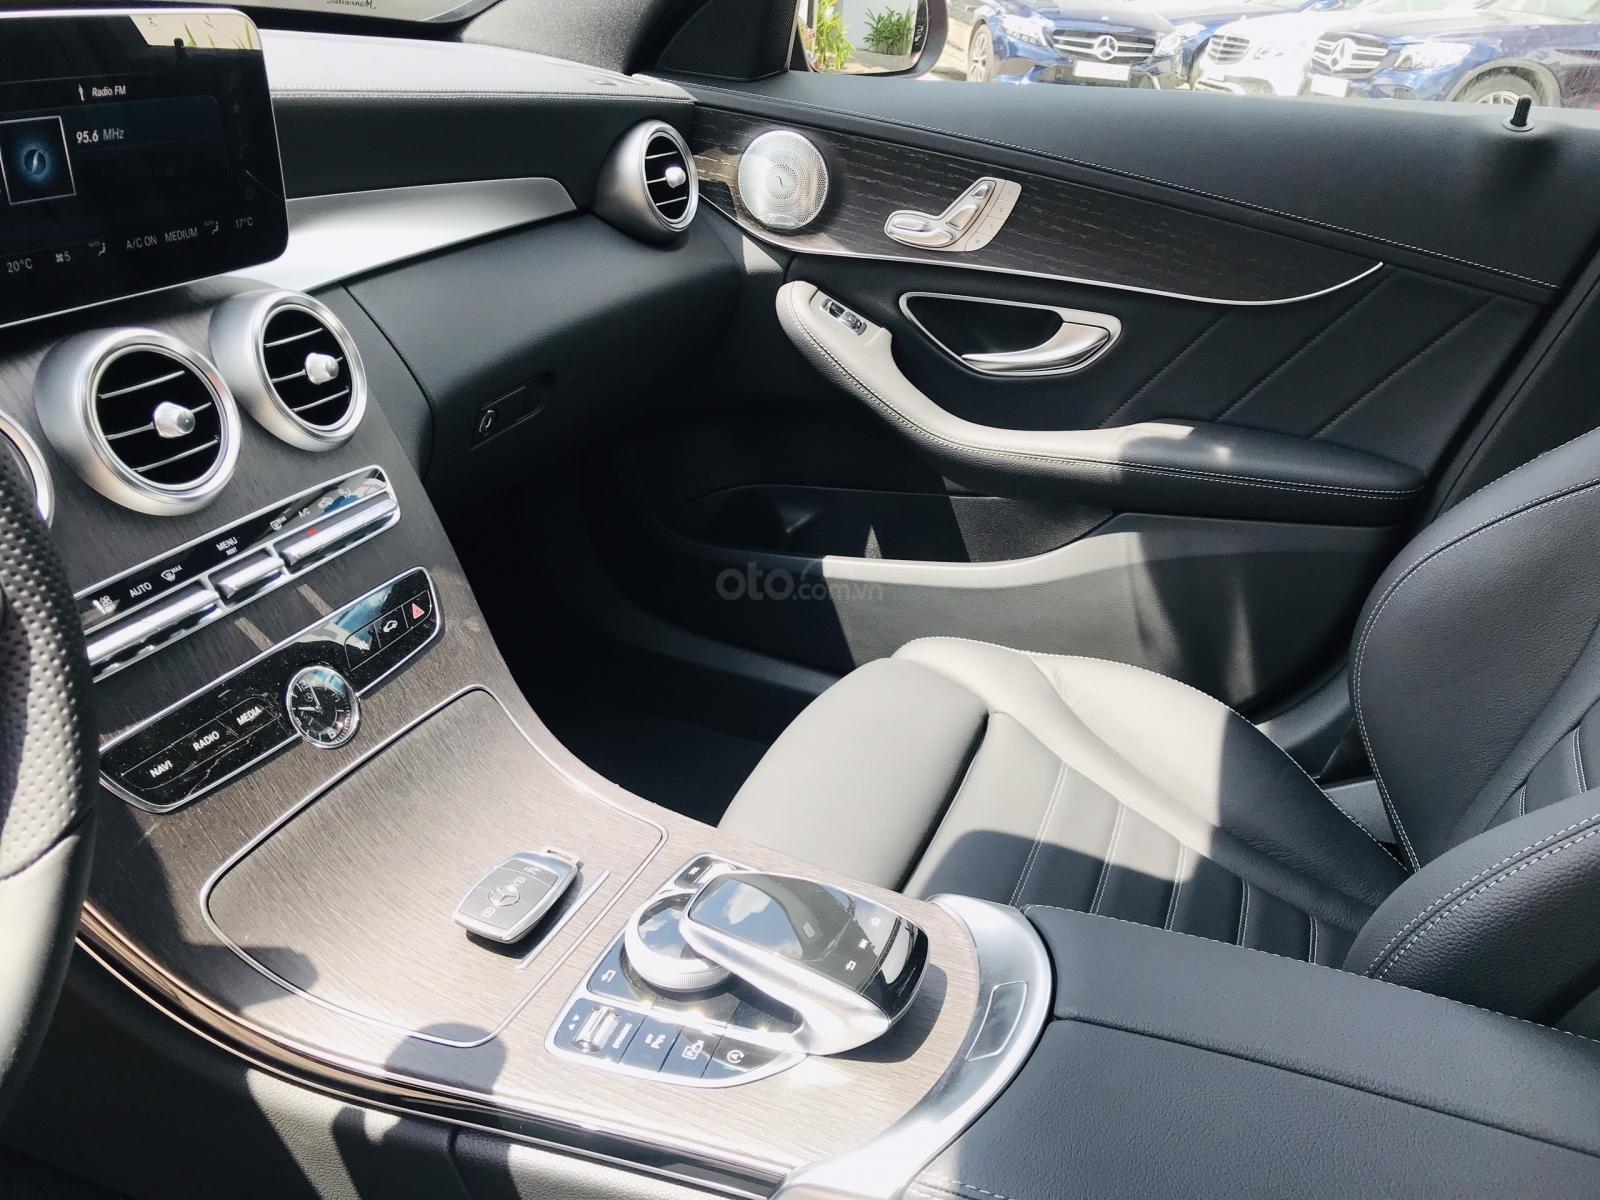 [Thanh lý xe demo] chính hãng thanh lý xe C300 giá cực tốt, xe mới, giá cũ, tiết kiệm 400 triệu (7)